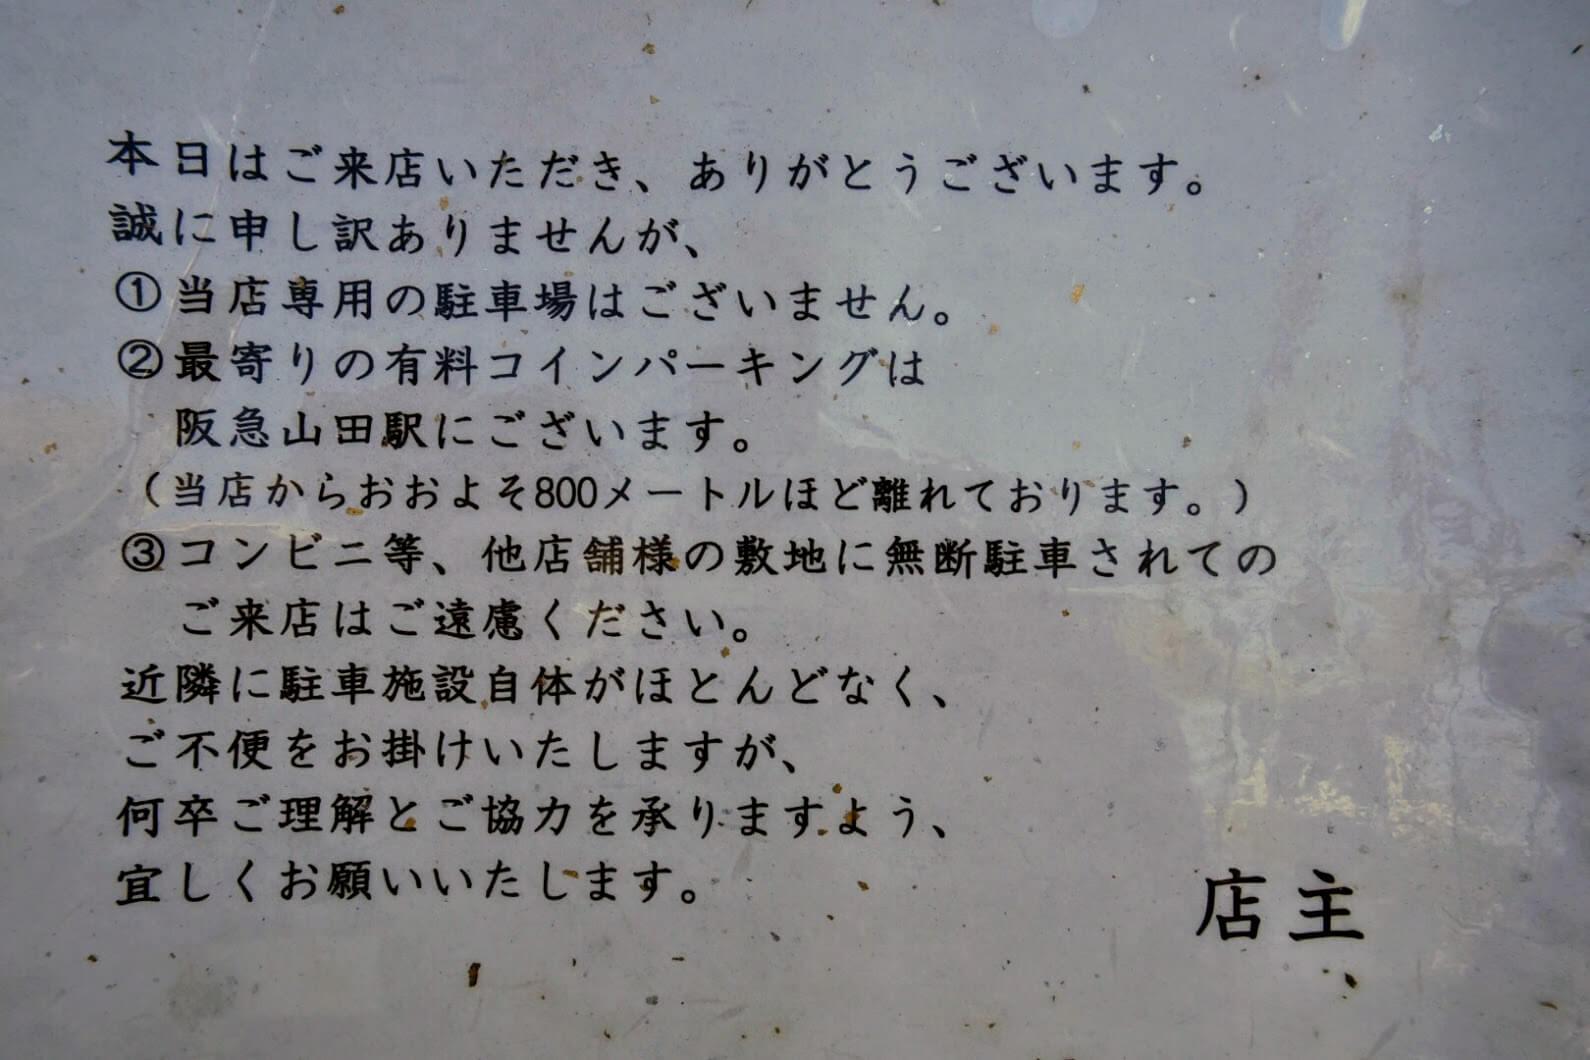 松坂牛麺の駐車場(コインP)情報